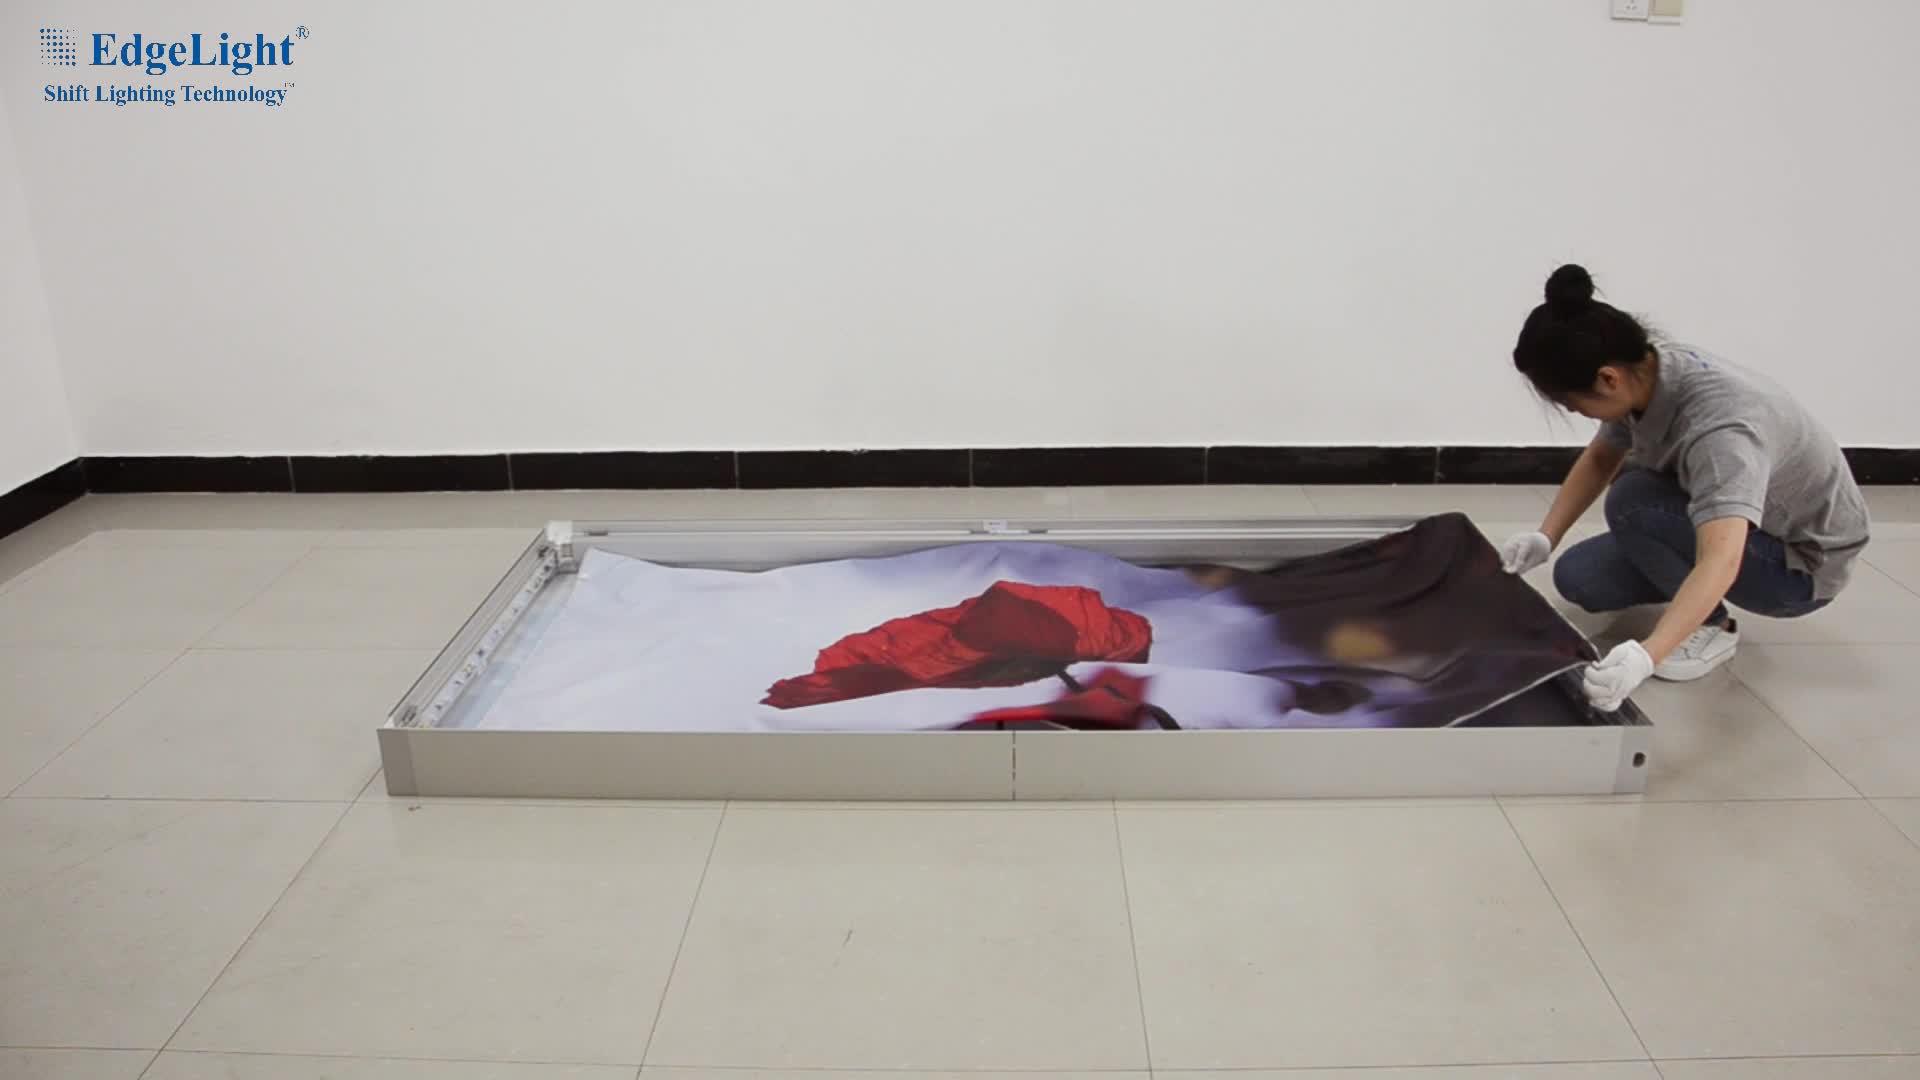 Edgelight AFEZ реклама свет коробка 1*2 м светодиодные рамки двойные стороны знак